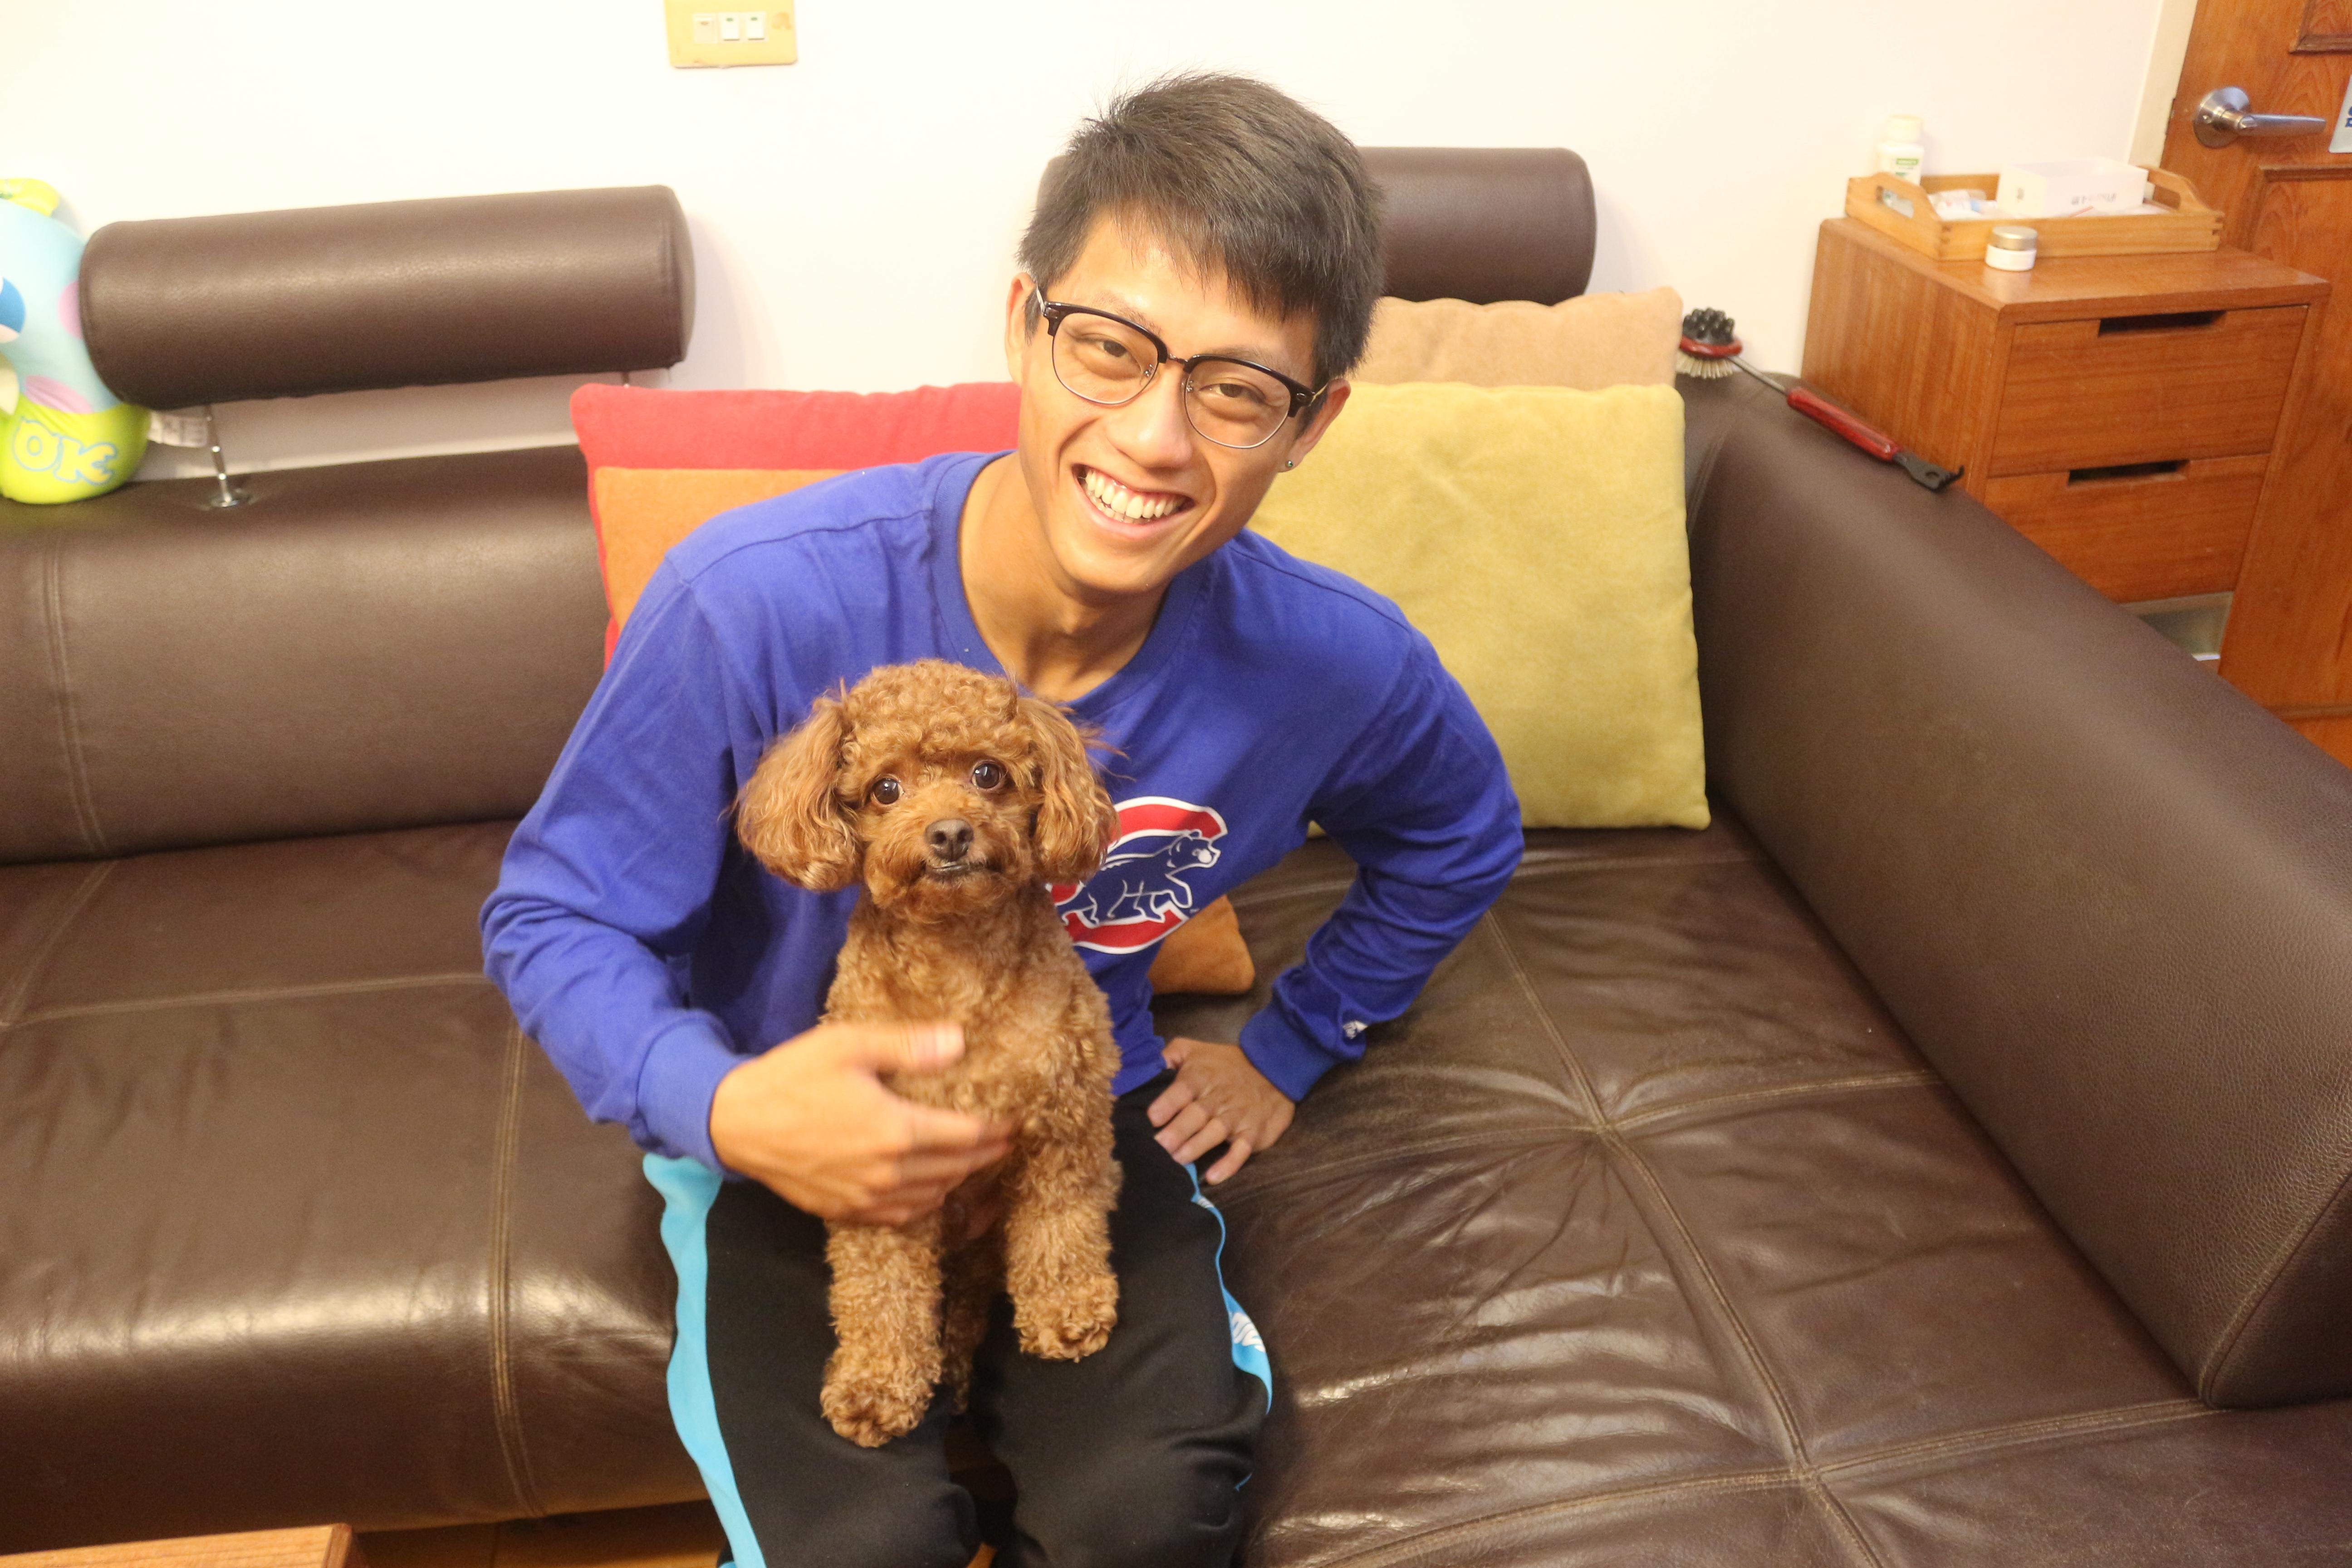 寵物鮮食專家詹子宜與其寵物狗樂樂。 攝影/吳冠輝